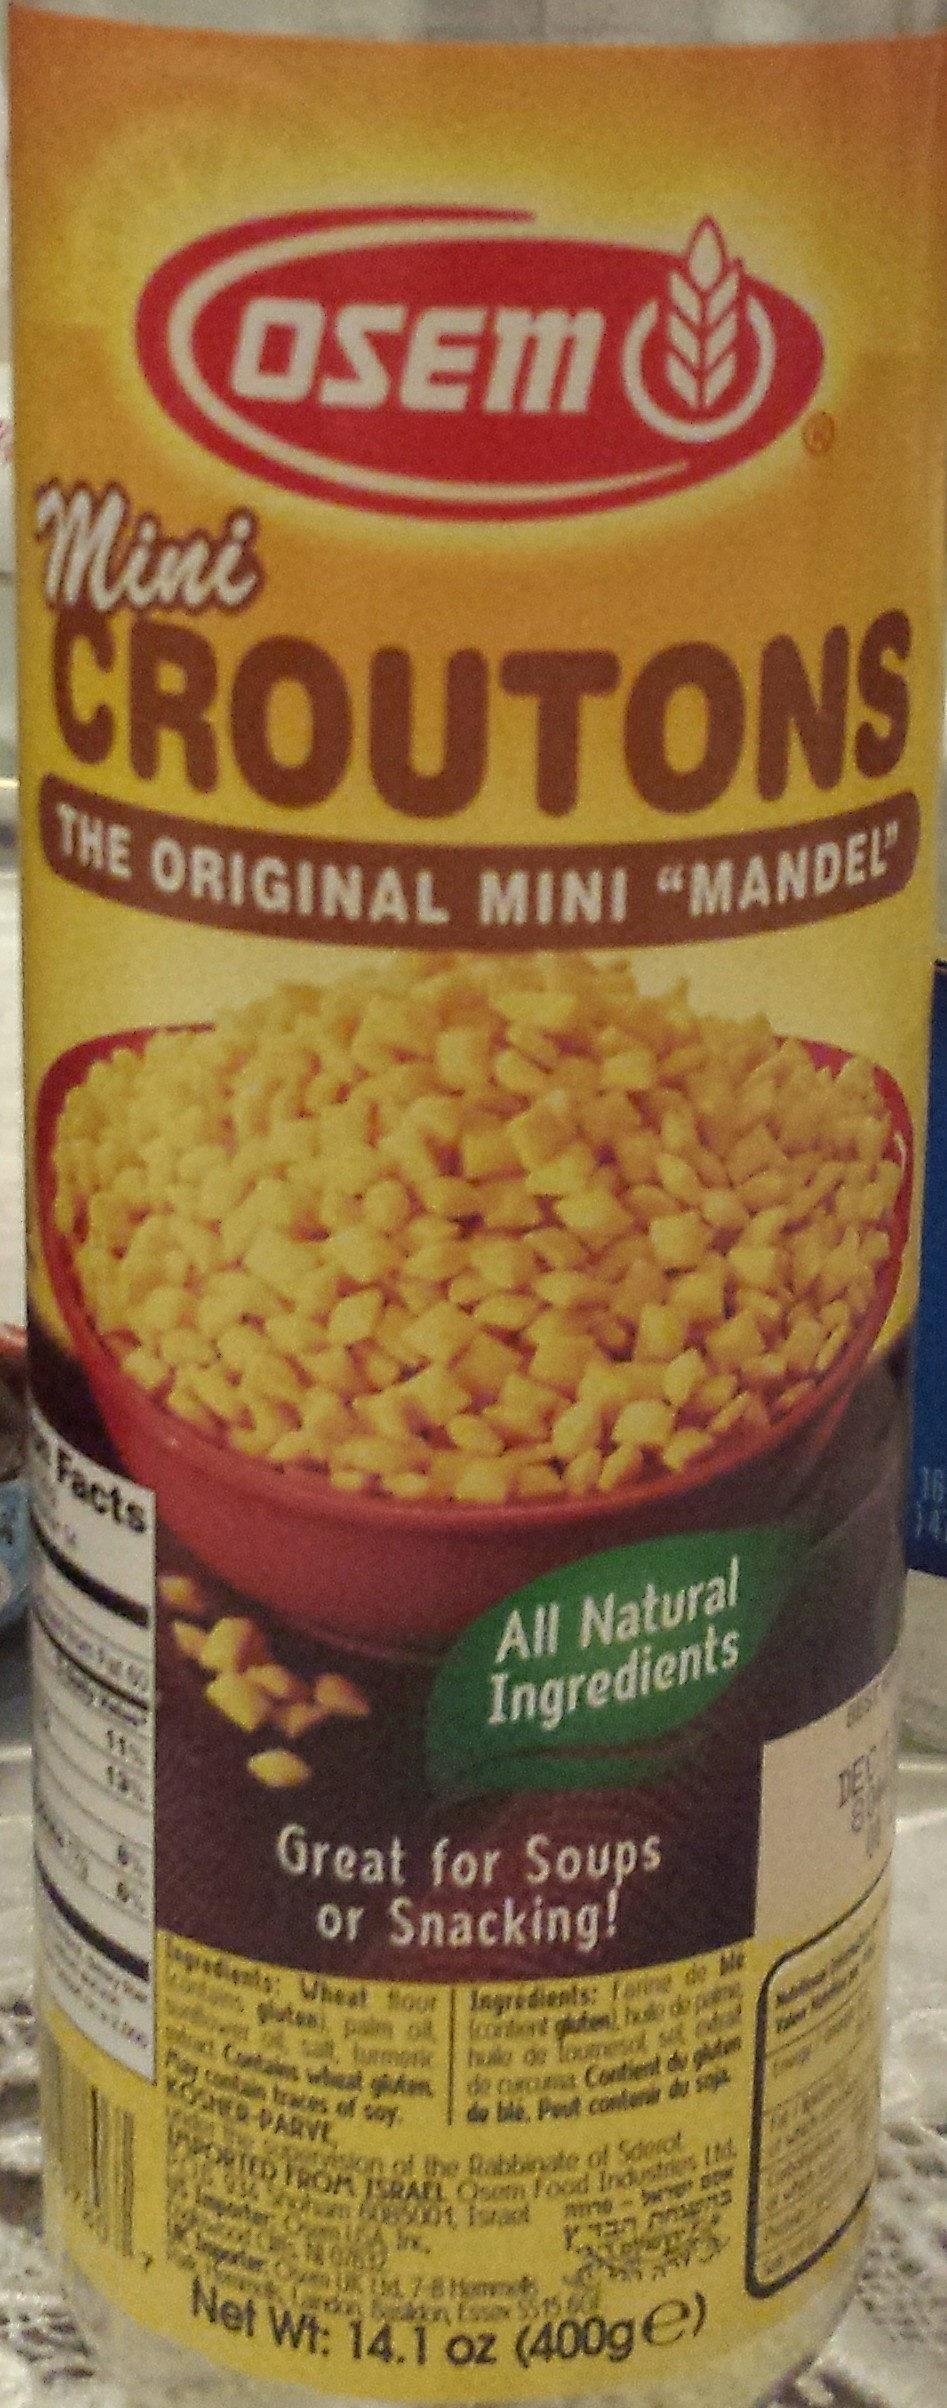 Mini croutons - Product - en